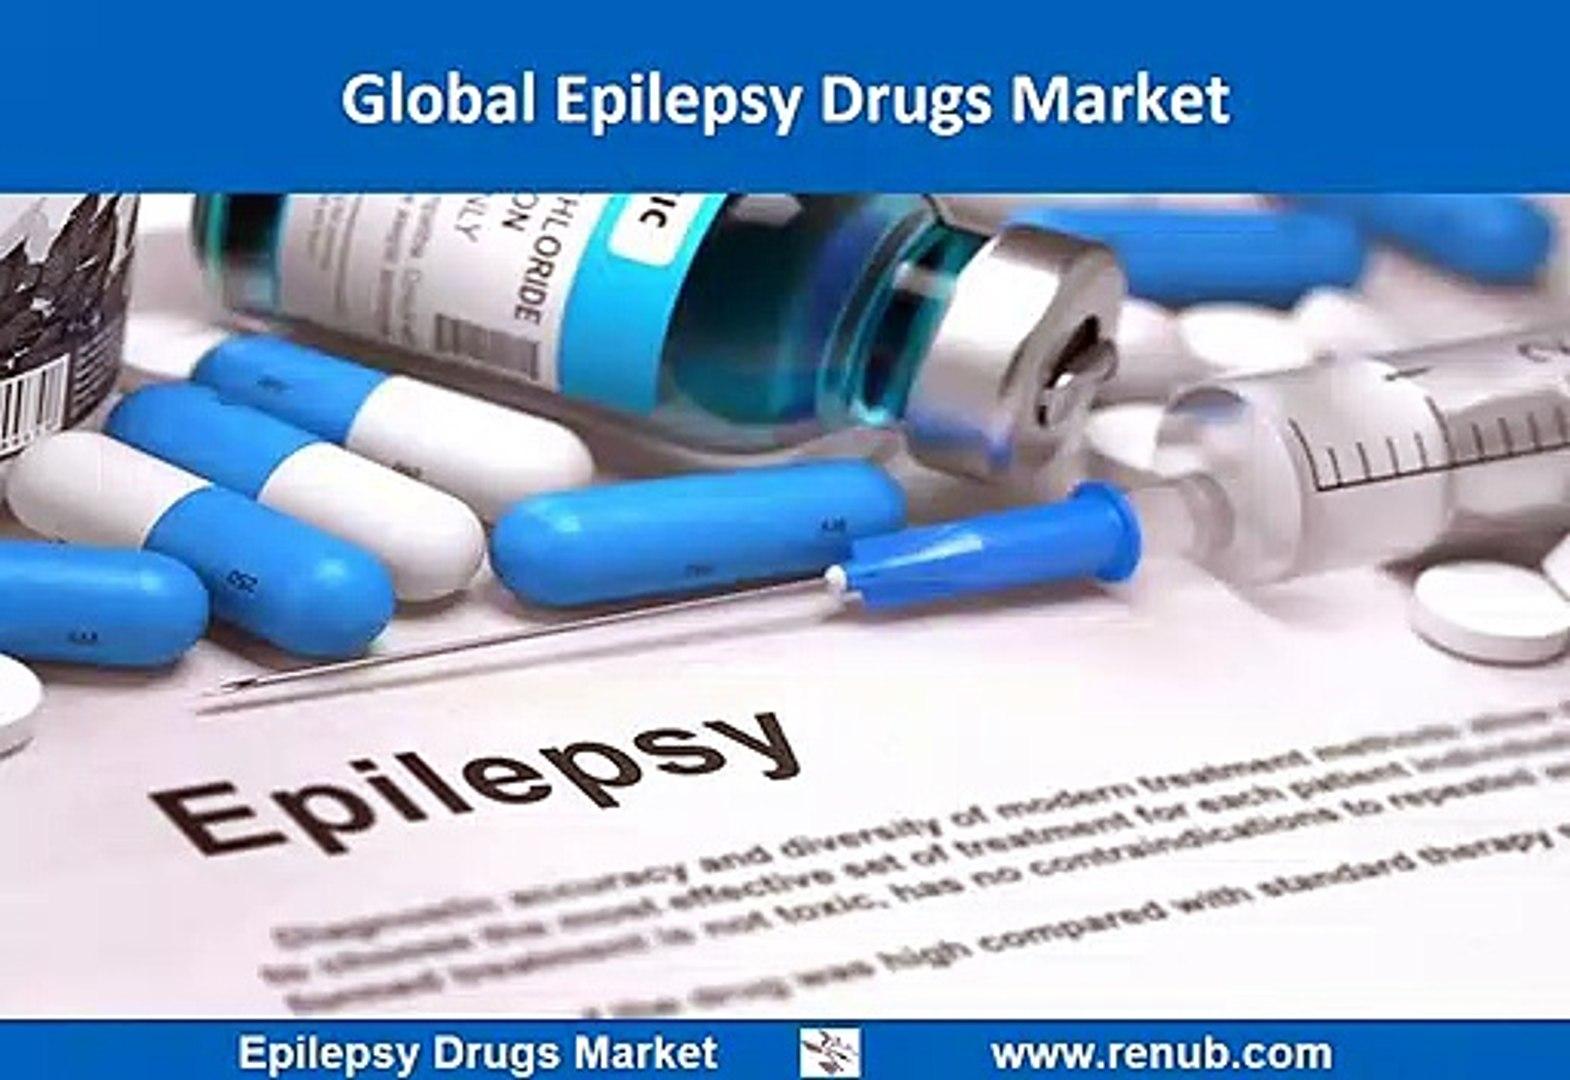 Global Epilepsy Drugs Market Size